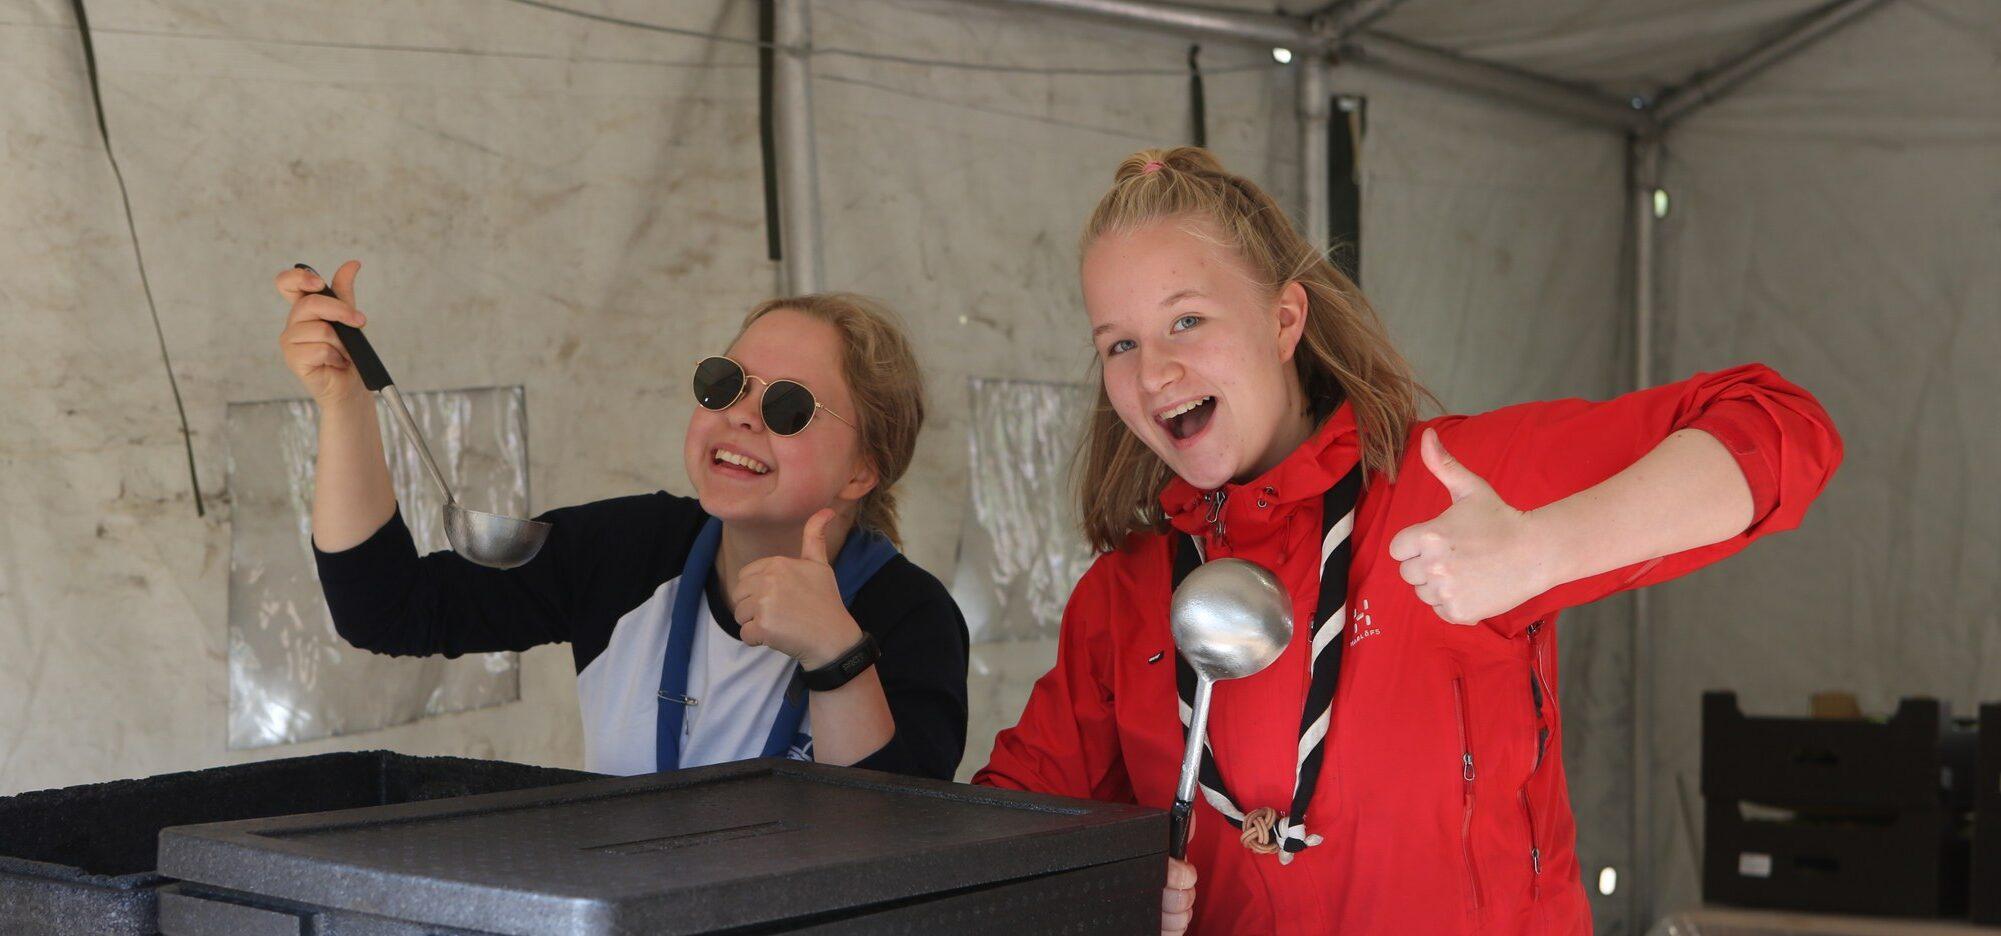 Kaksi hymyilevää henkilöä poseeraa kameralle kauhat käsissään telttakeittiössä.